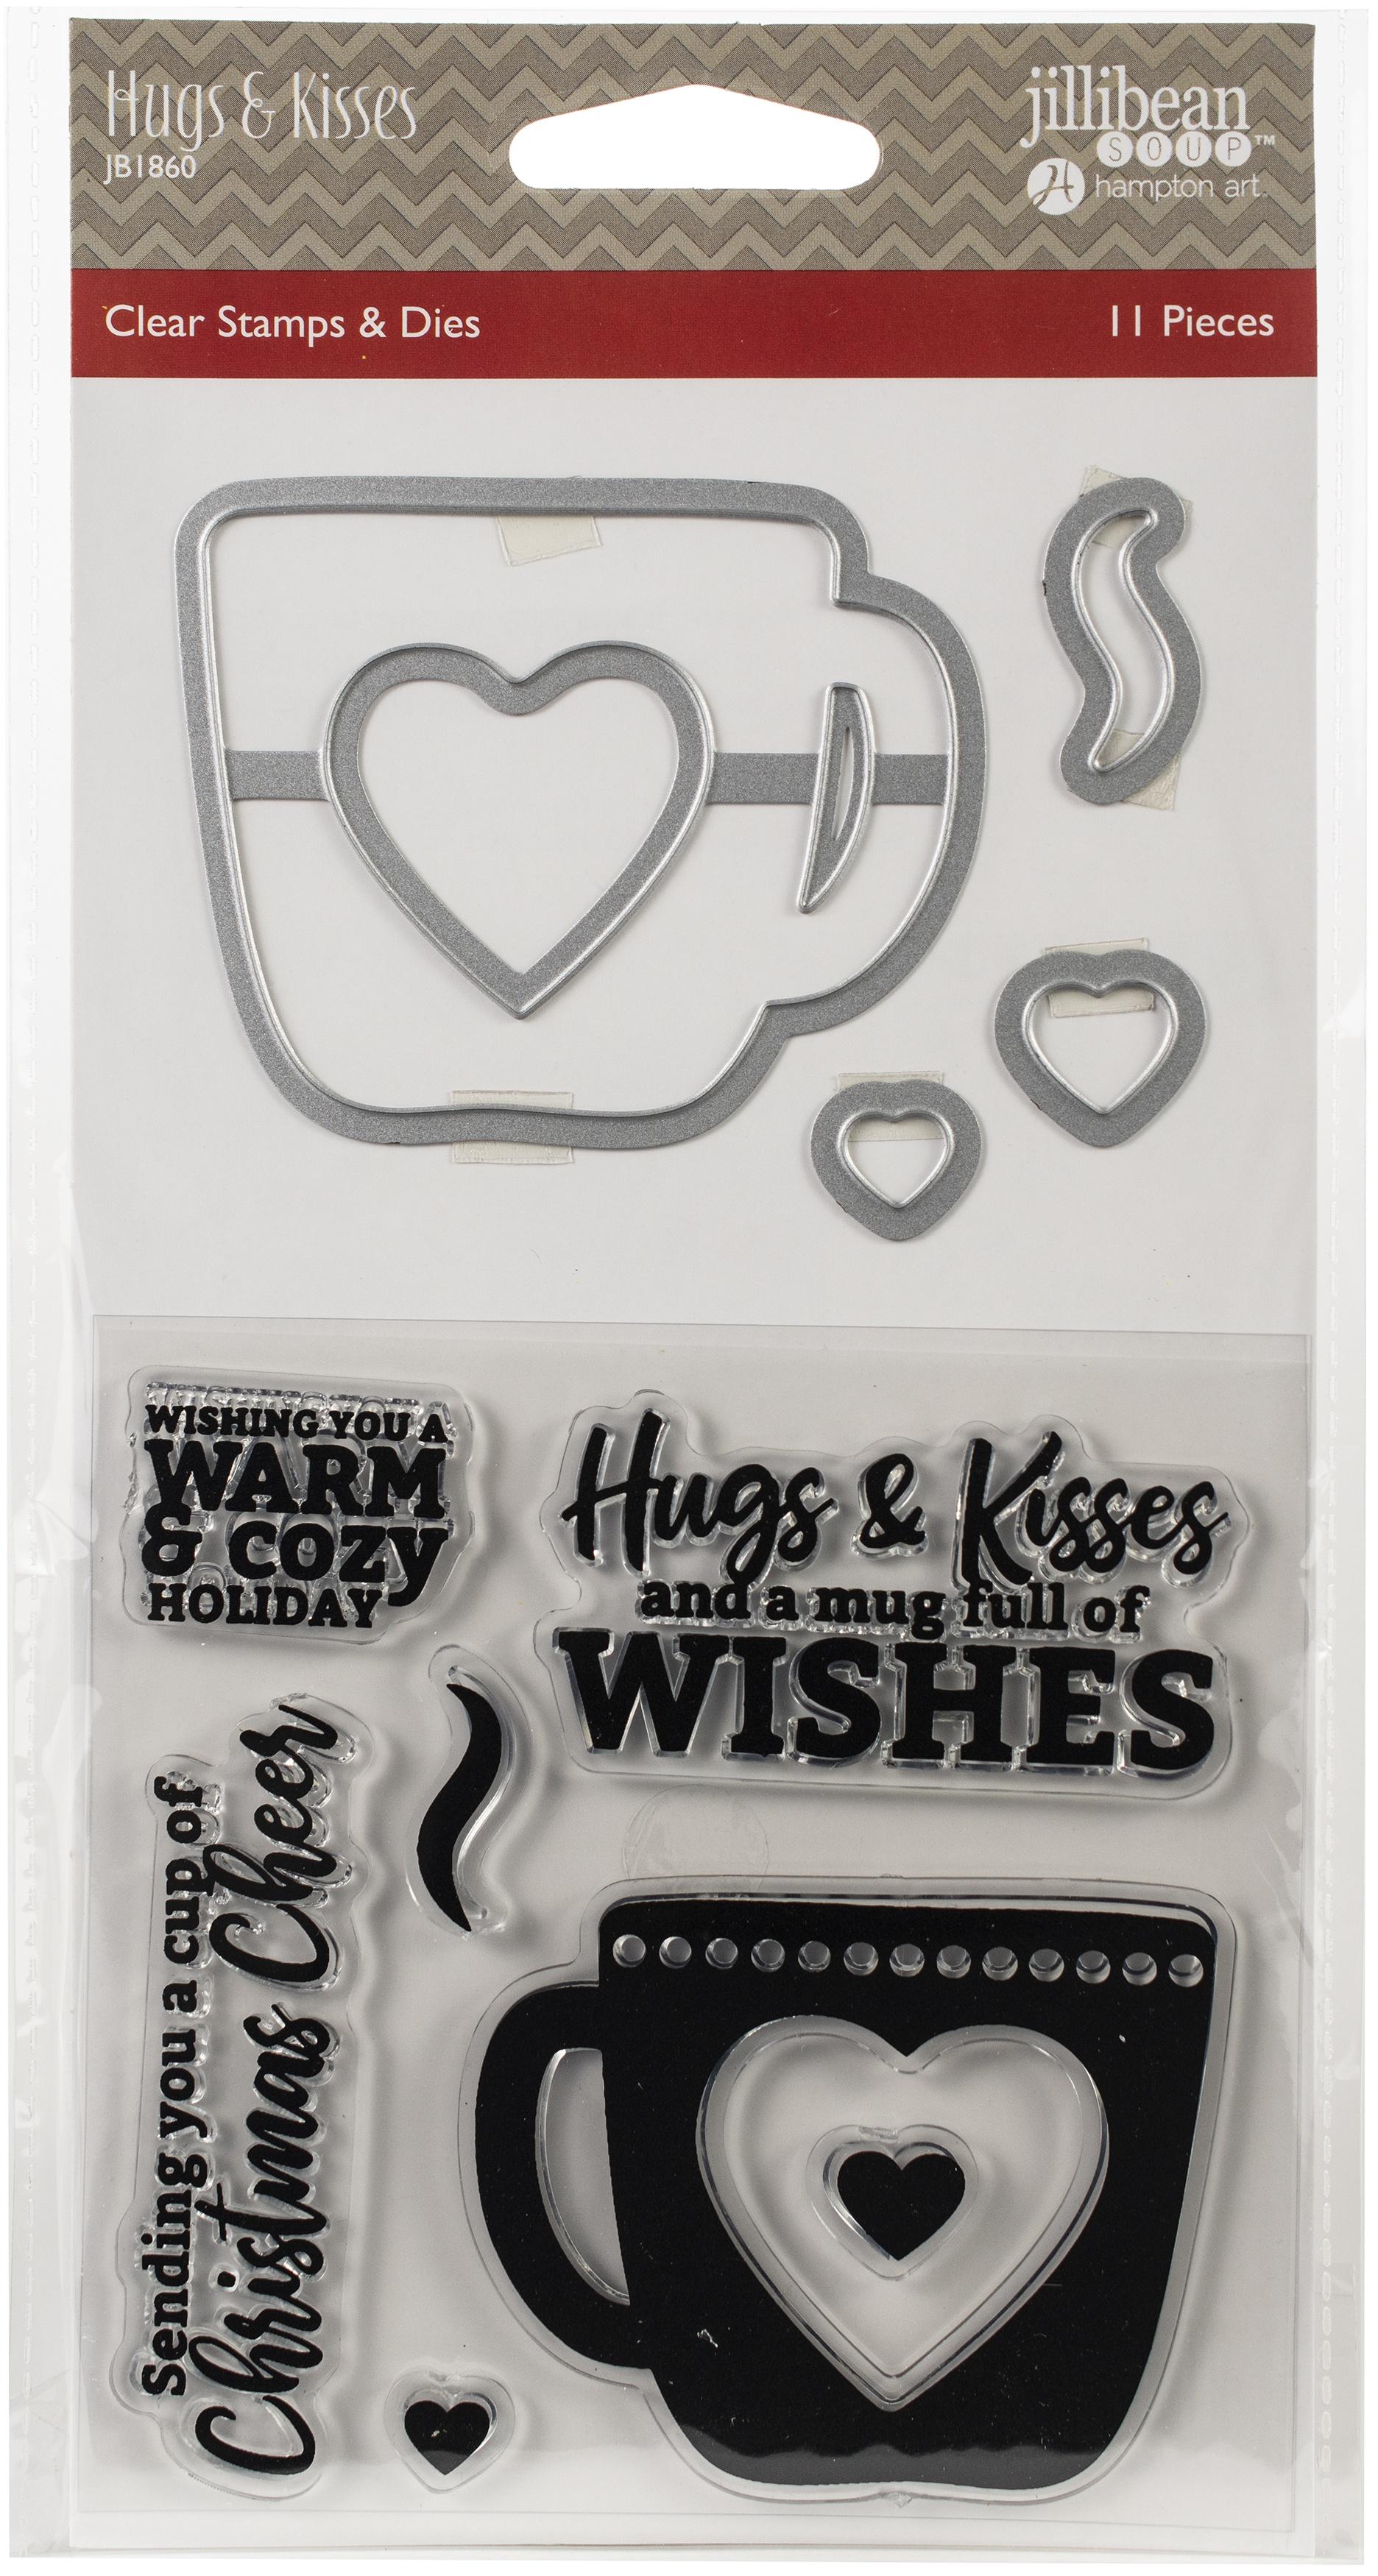 Jillibean Soup Shaker Clear Stamps & Die Set-Hugs & Kisses